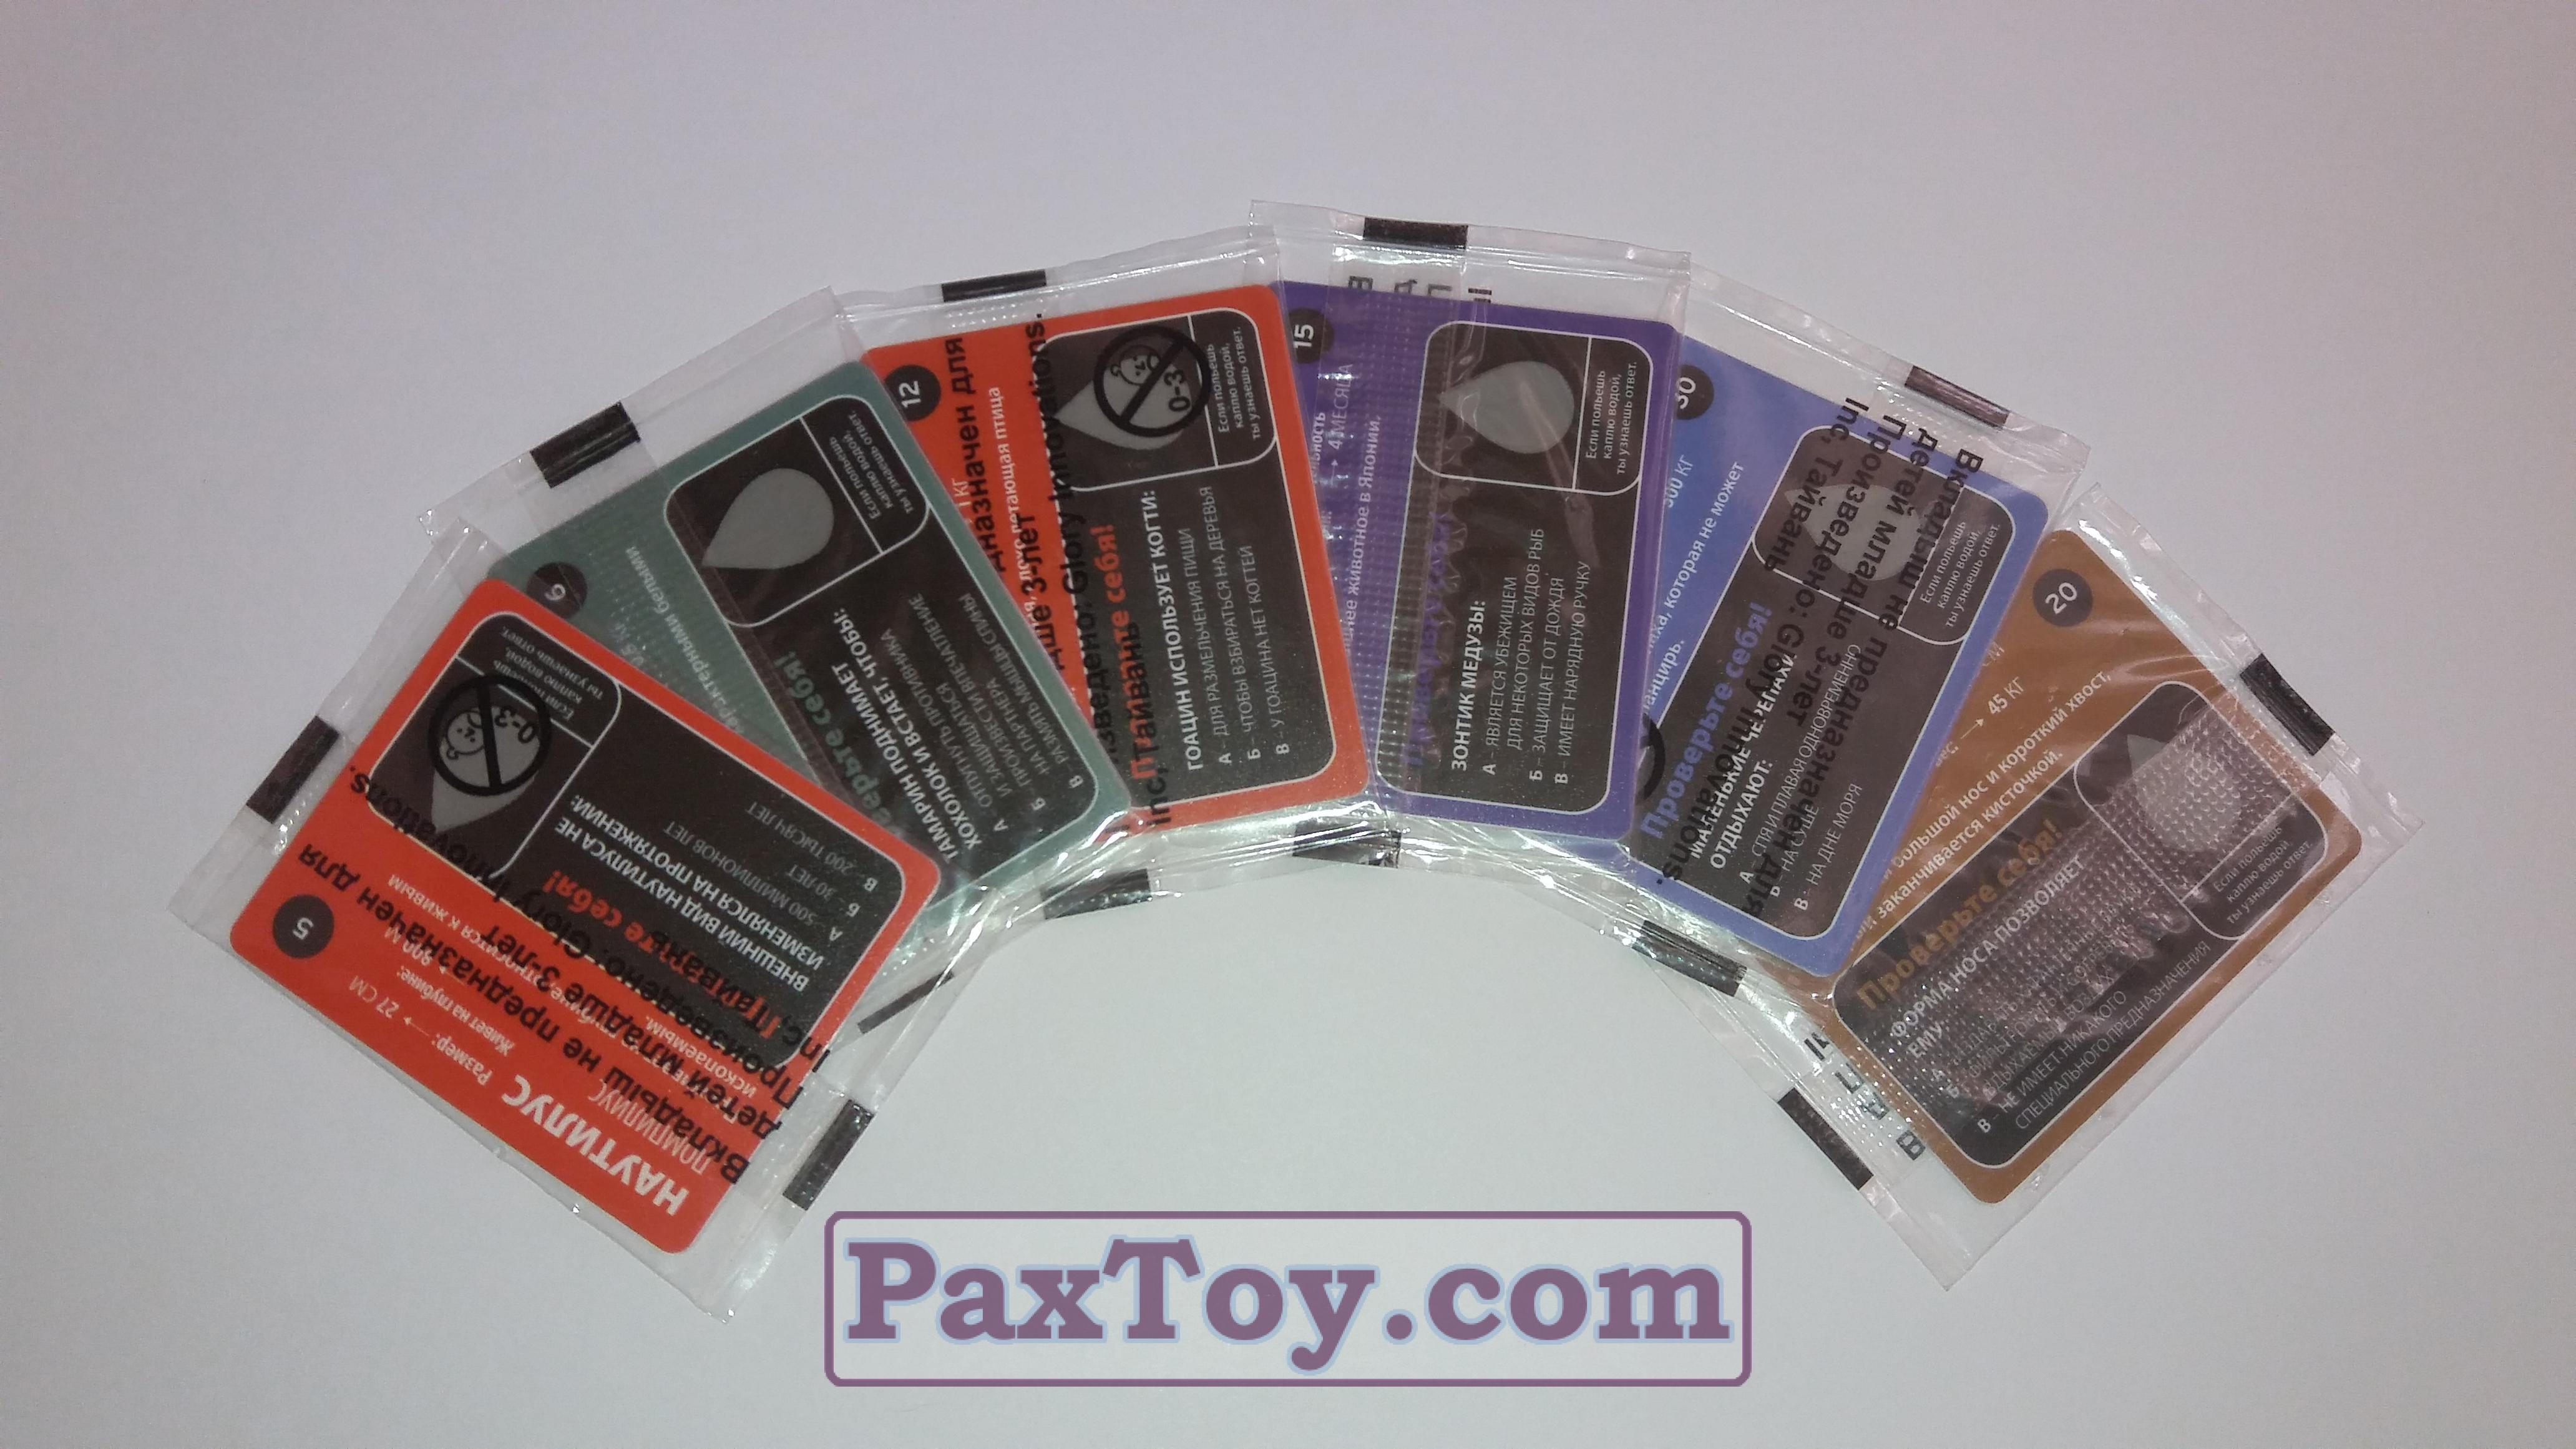 Cheetos Странные и Смешные Животные (в оригинальной упаковке) - 03 PaxToy